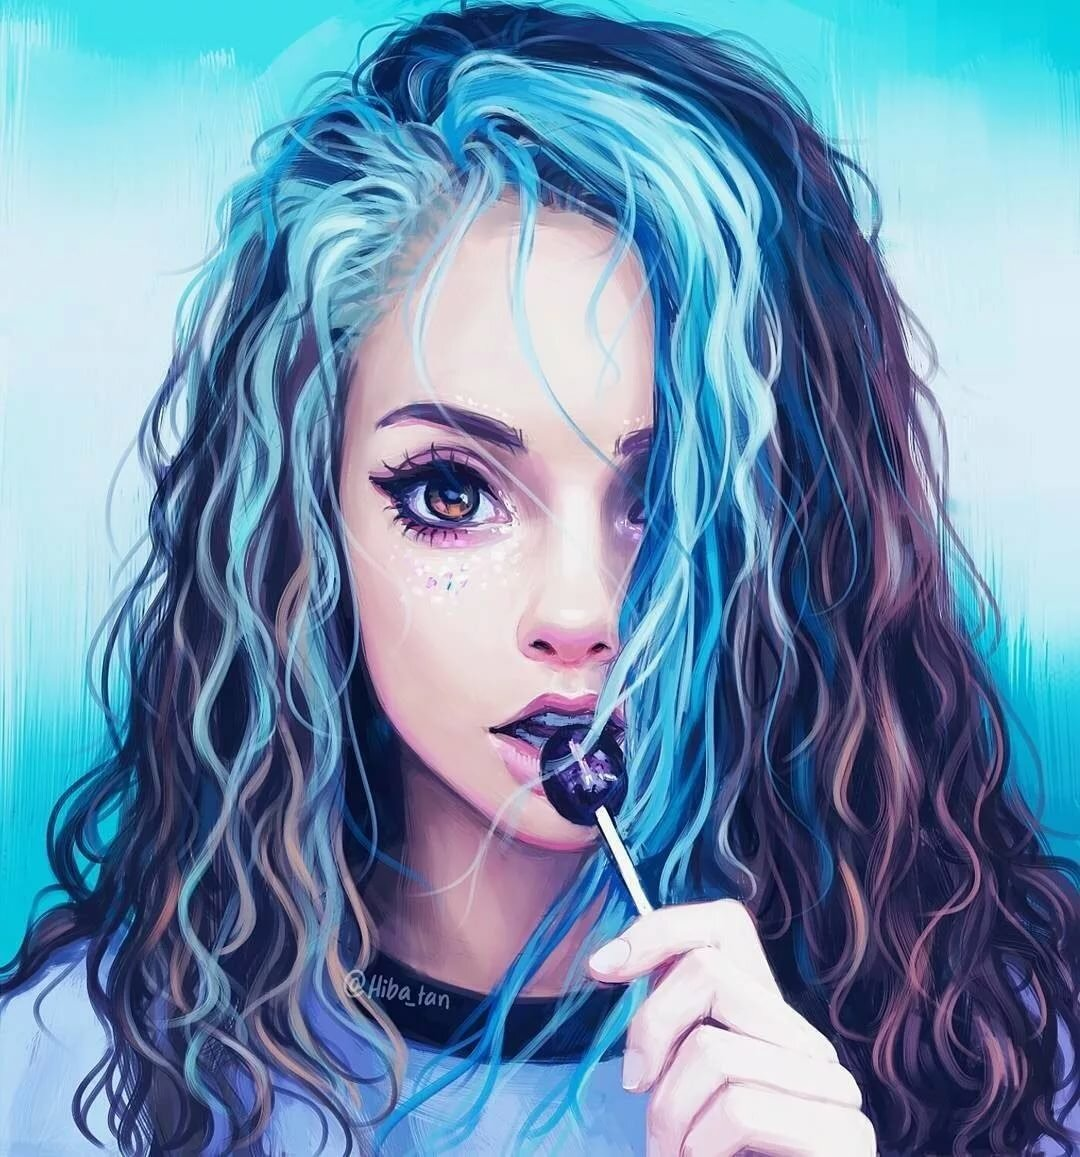 Картинки с нарисованными девочками красивые, сделать самую красивую